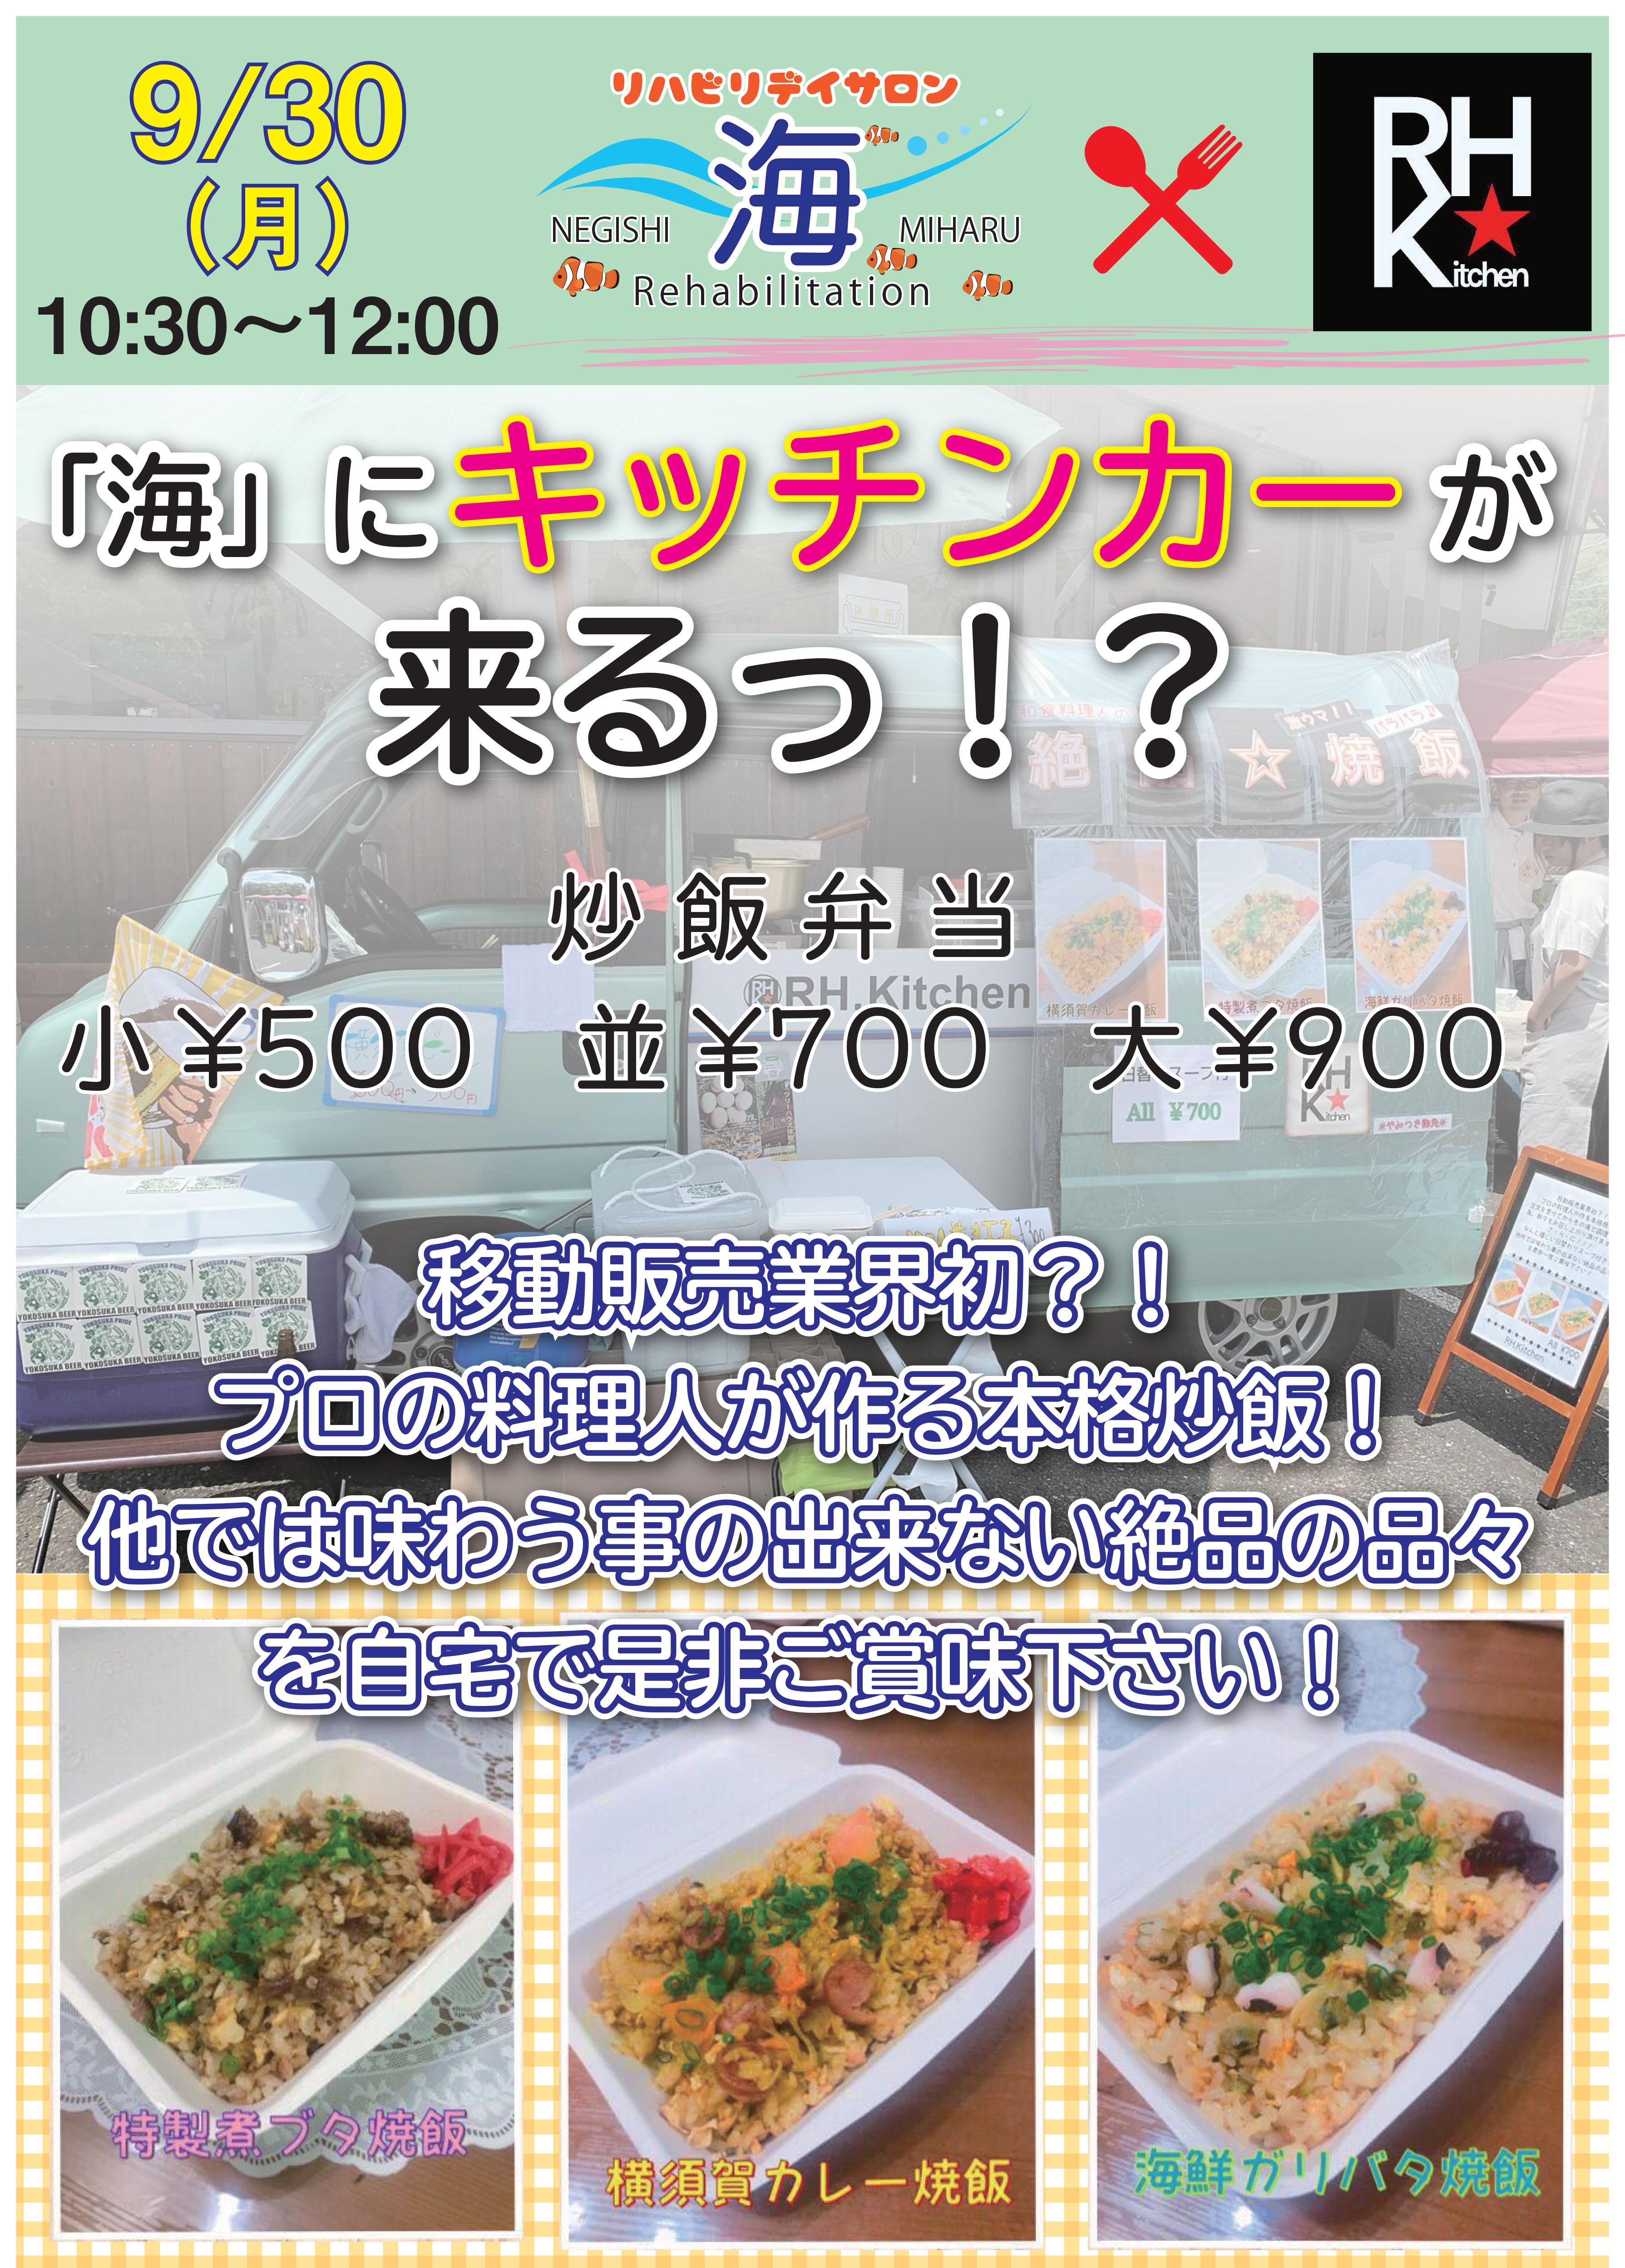 「海」にキッチンカーが来るっ!?